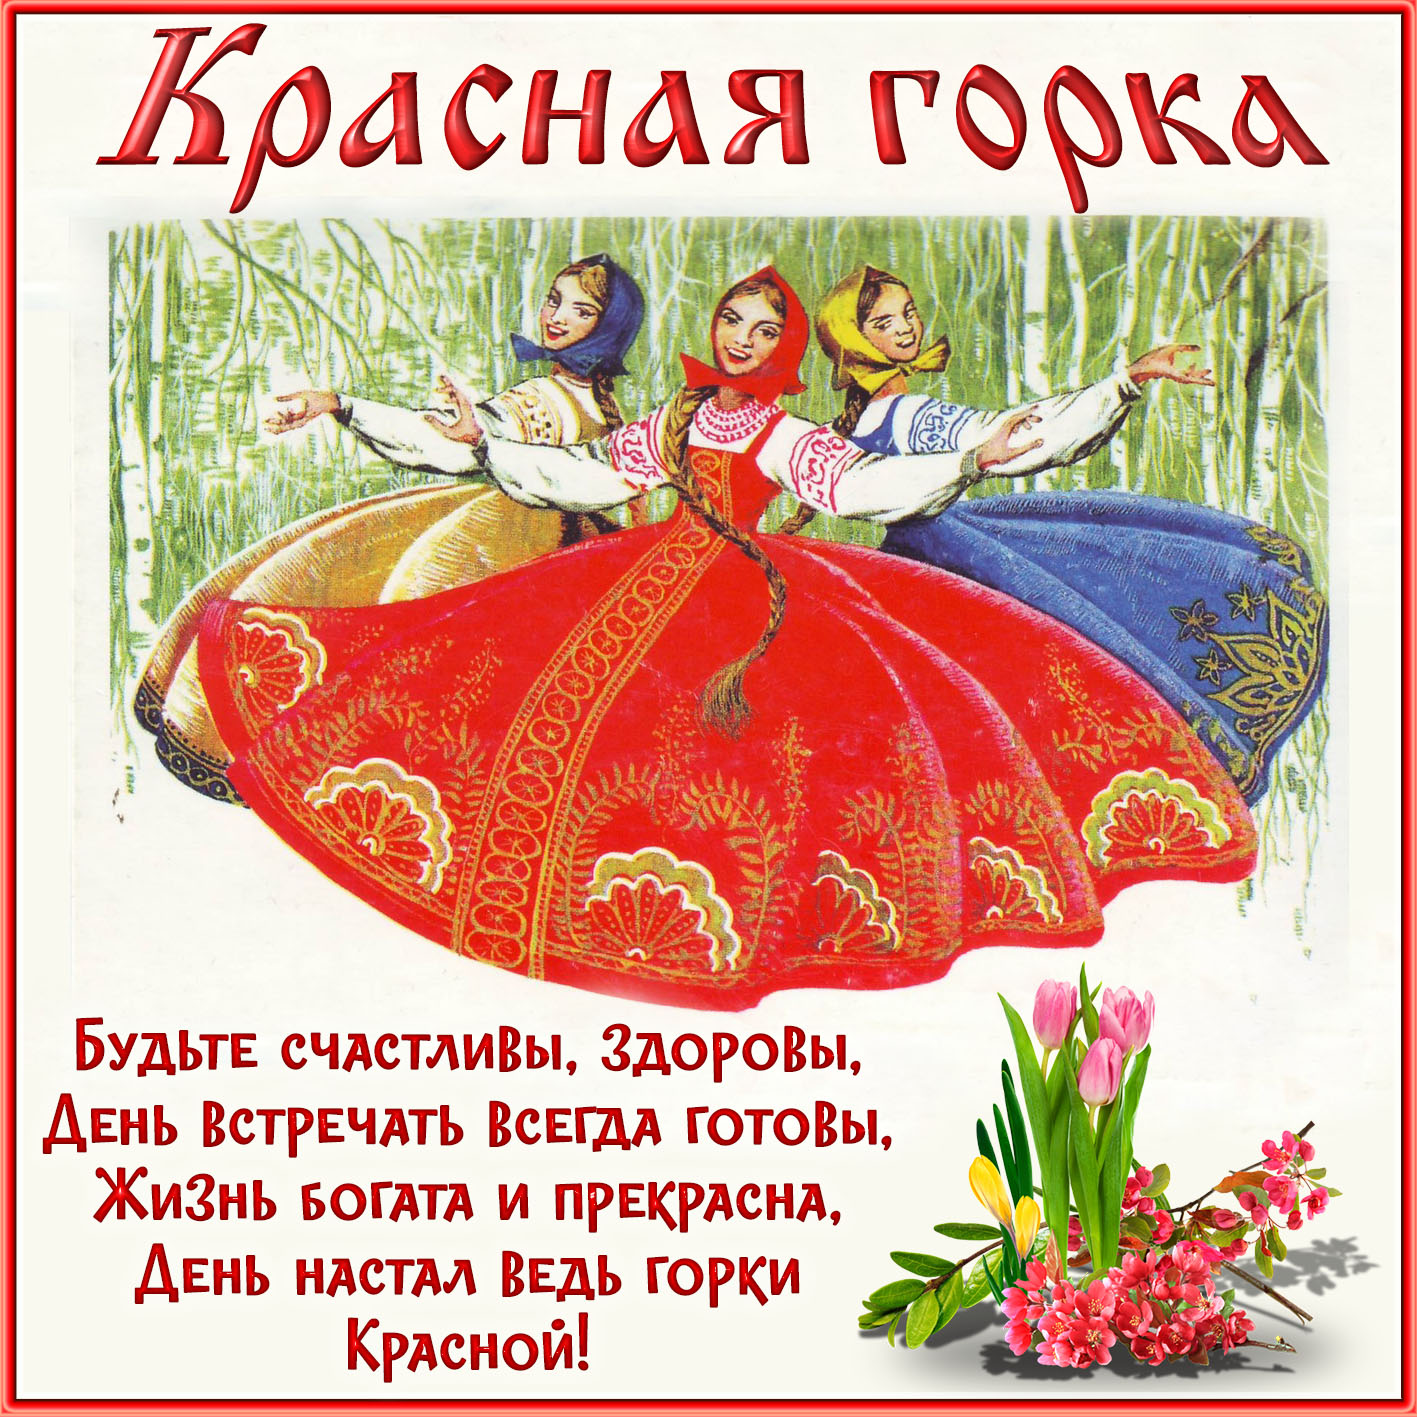 Otkrytka-krasnaya-gorka-narodno-hristian